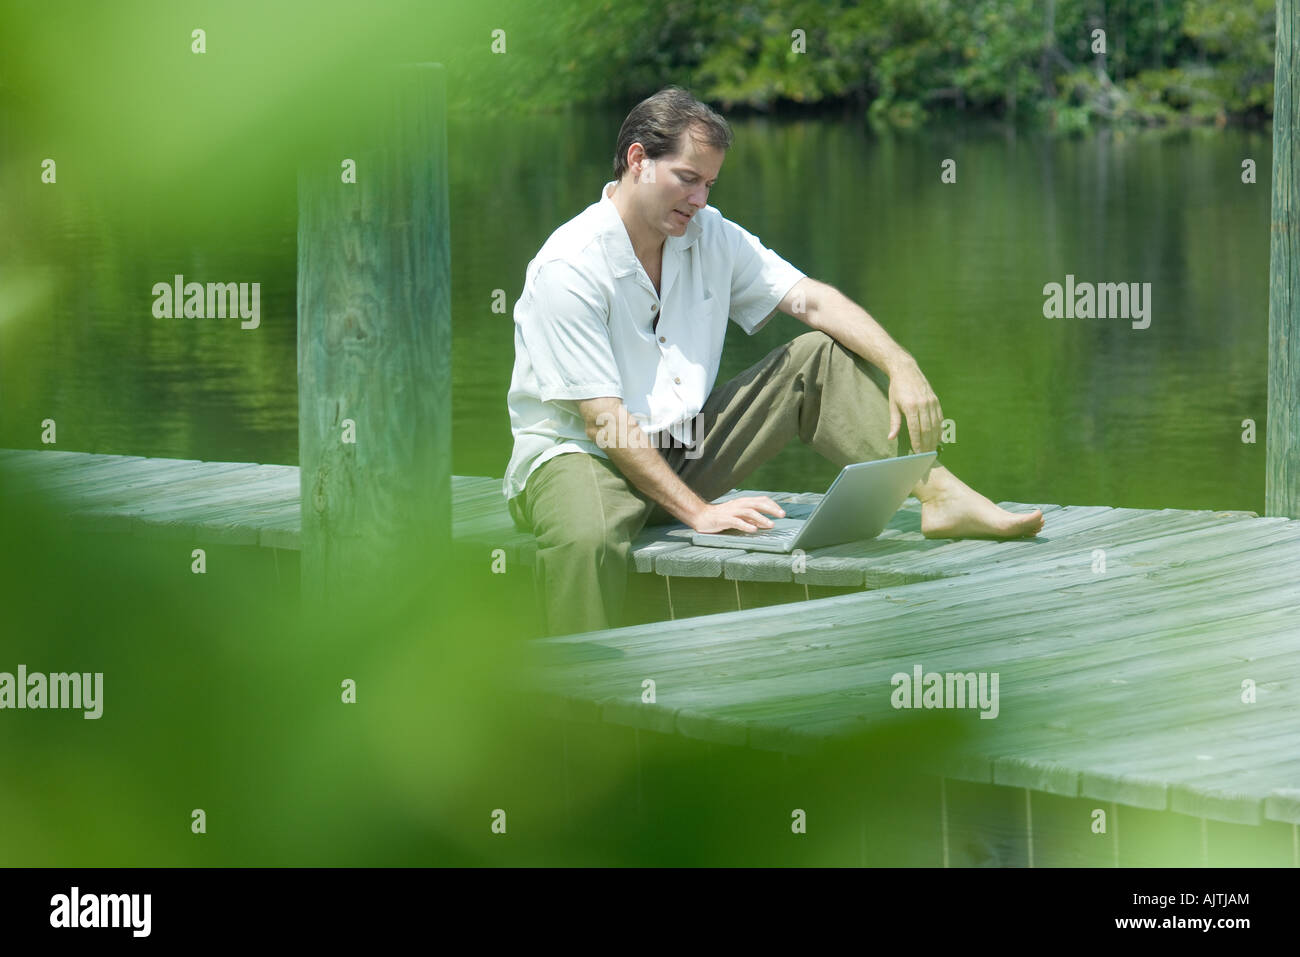 Uomo seduto sul dock tramite computer portatile, vista attraverso il fogliame Immagini Stock